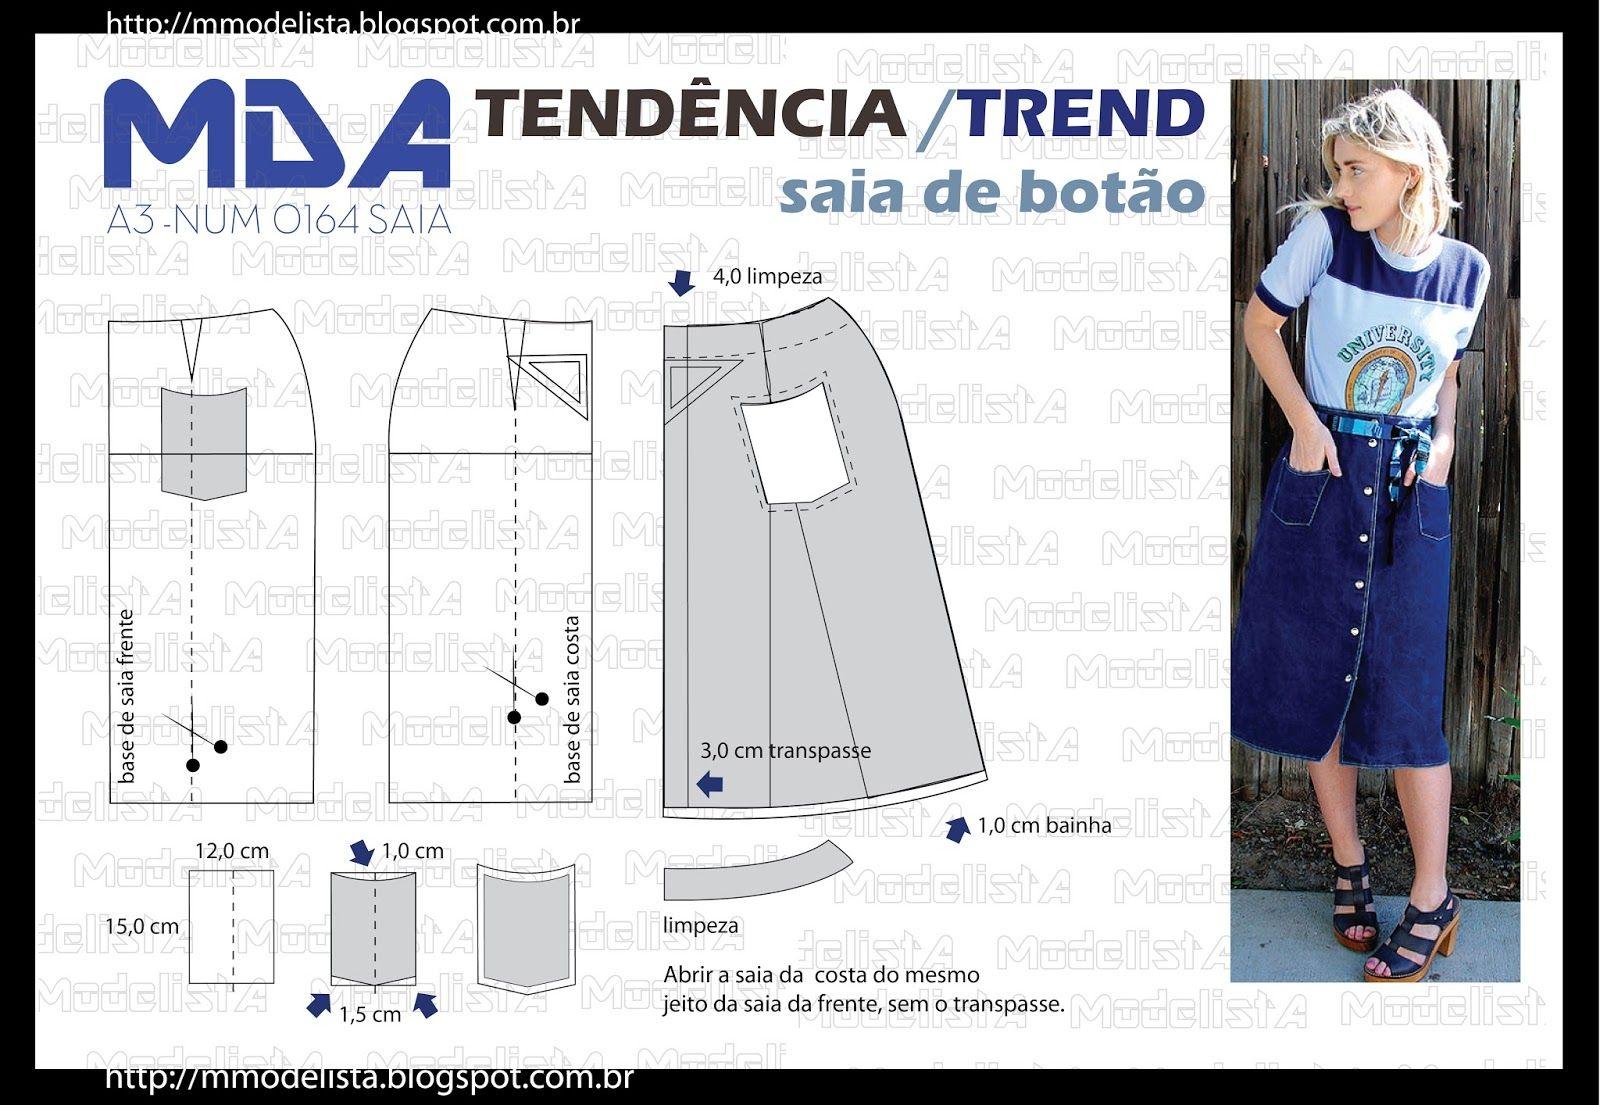 ModelistA: A3 NUMo 0164 SKIRT SAIA BOTÃO